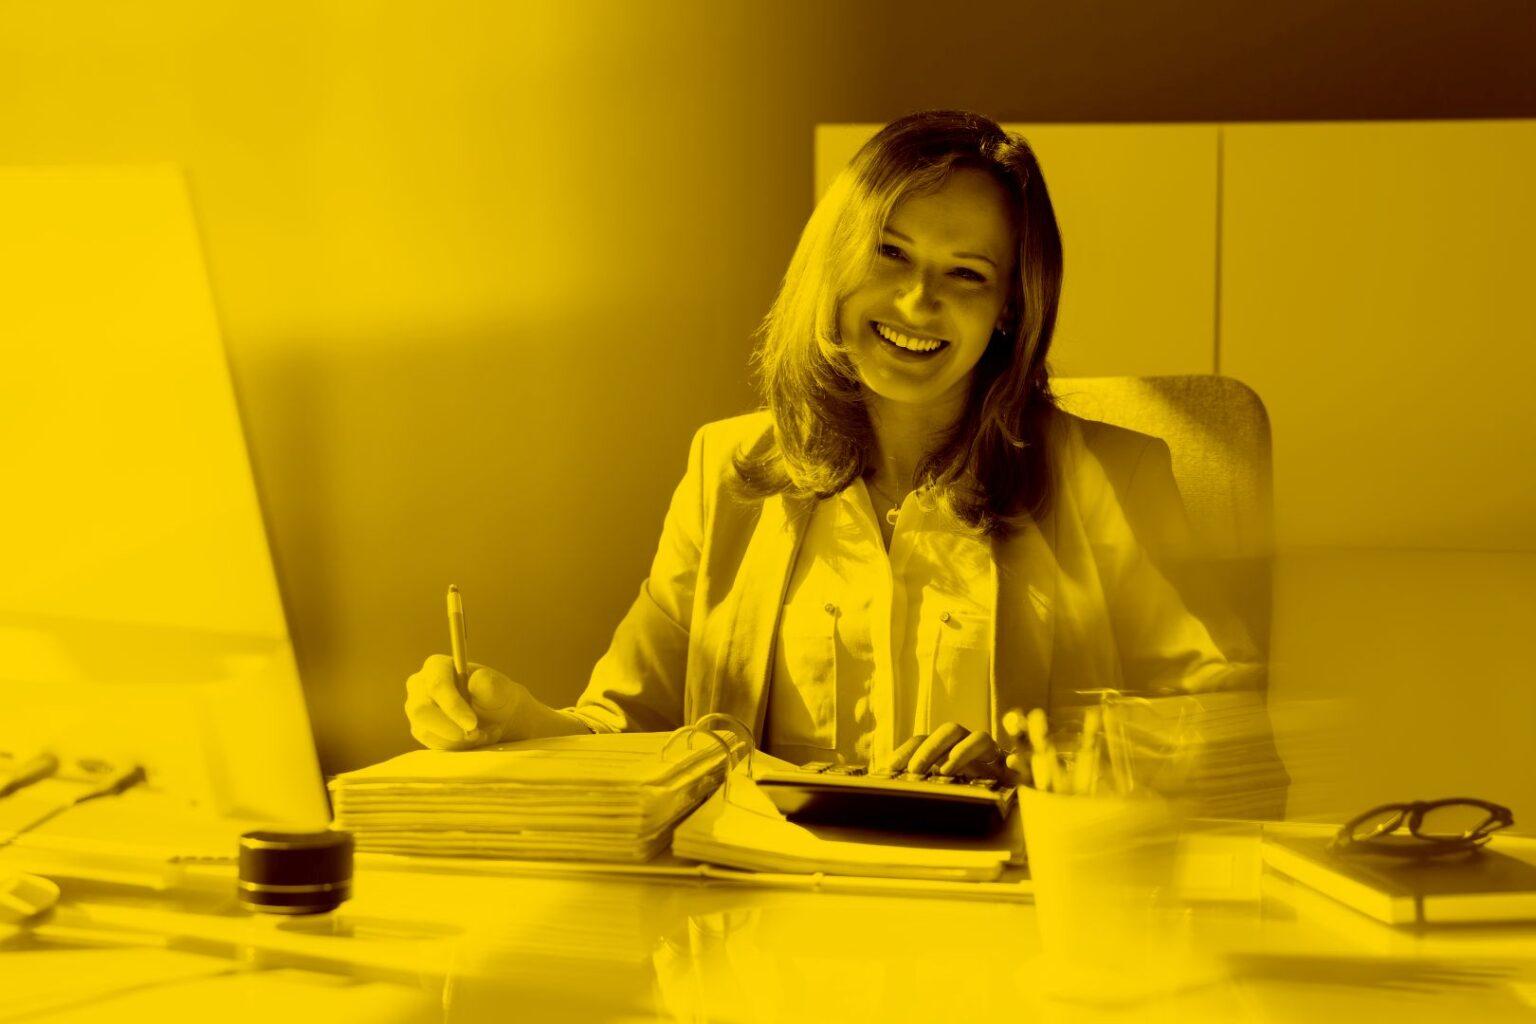 Steuerberaterin arbeitet am Schreibtisch mit Datev